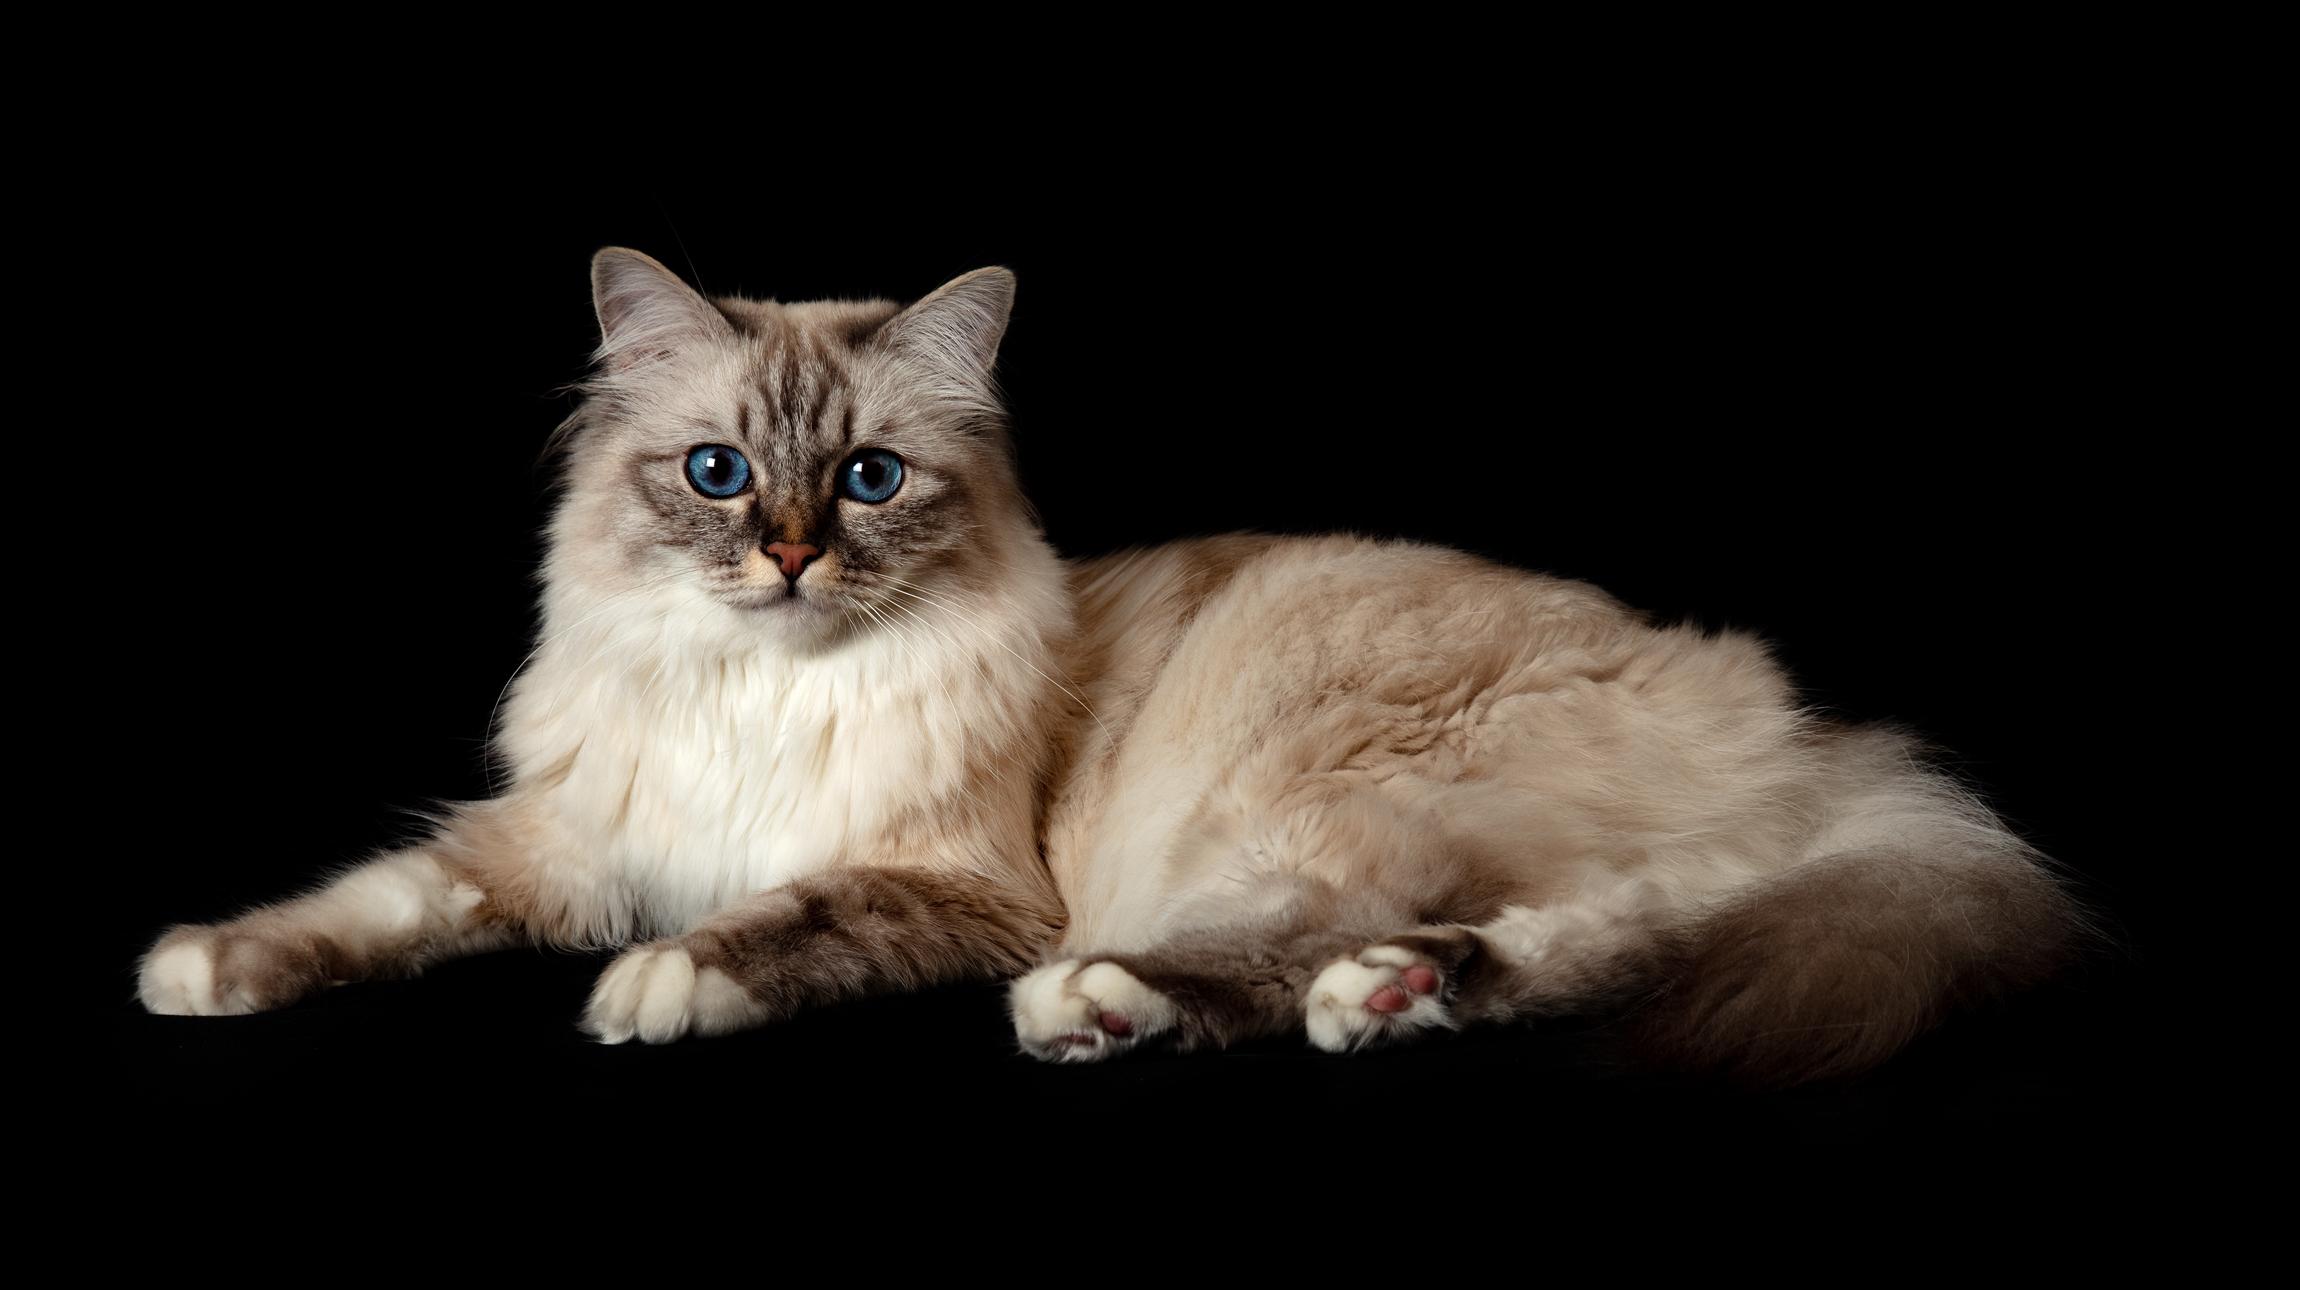 portrait animalier de chat par David Strano